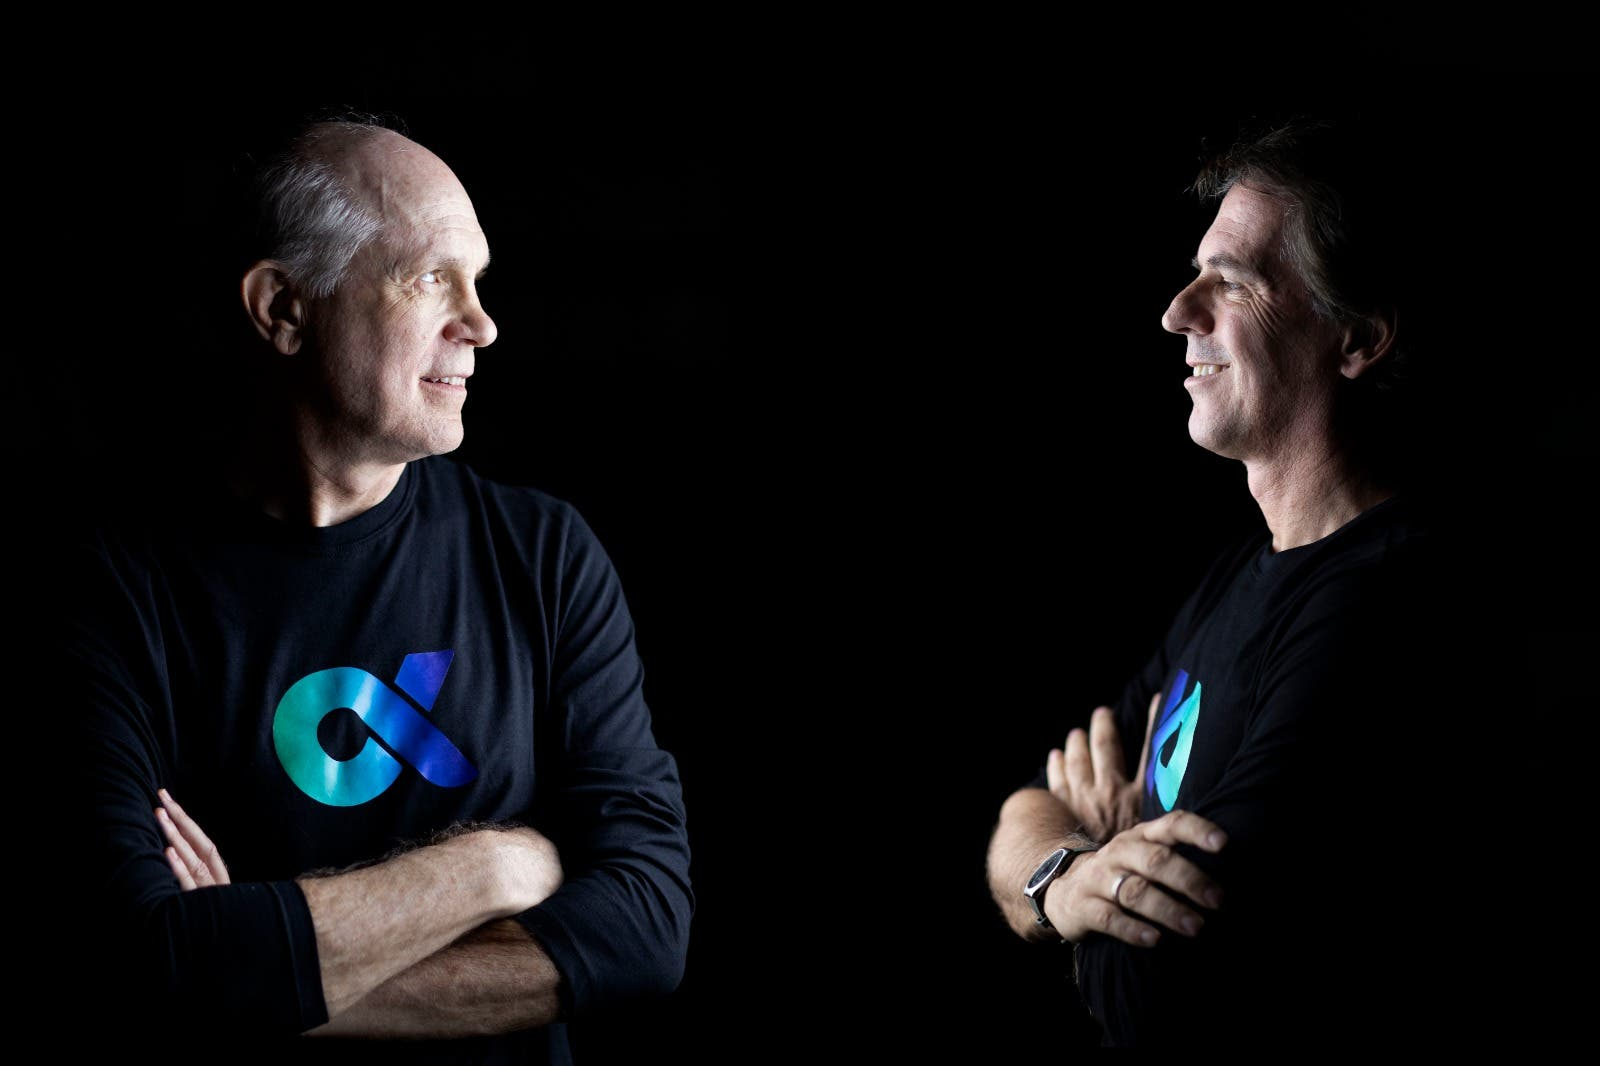 """nueva-empresa:-un-reconocido-emprendedor-argentino-fundo-una-""""maquina-creadora-de-unicornios"""""""